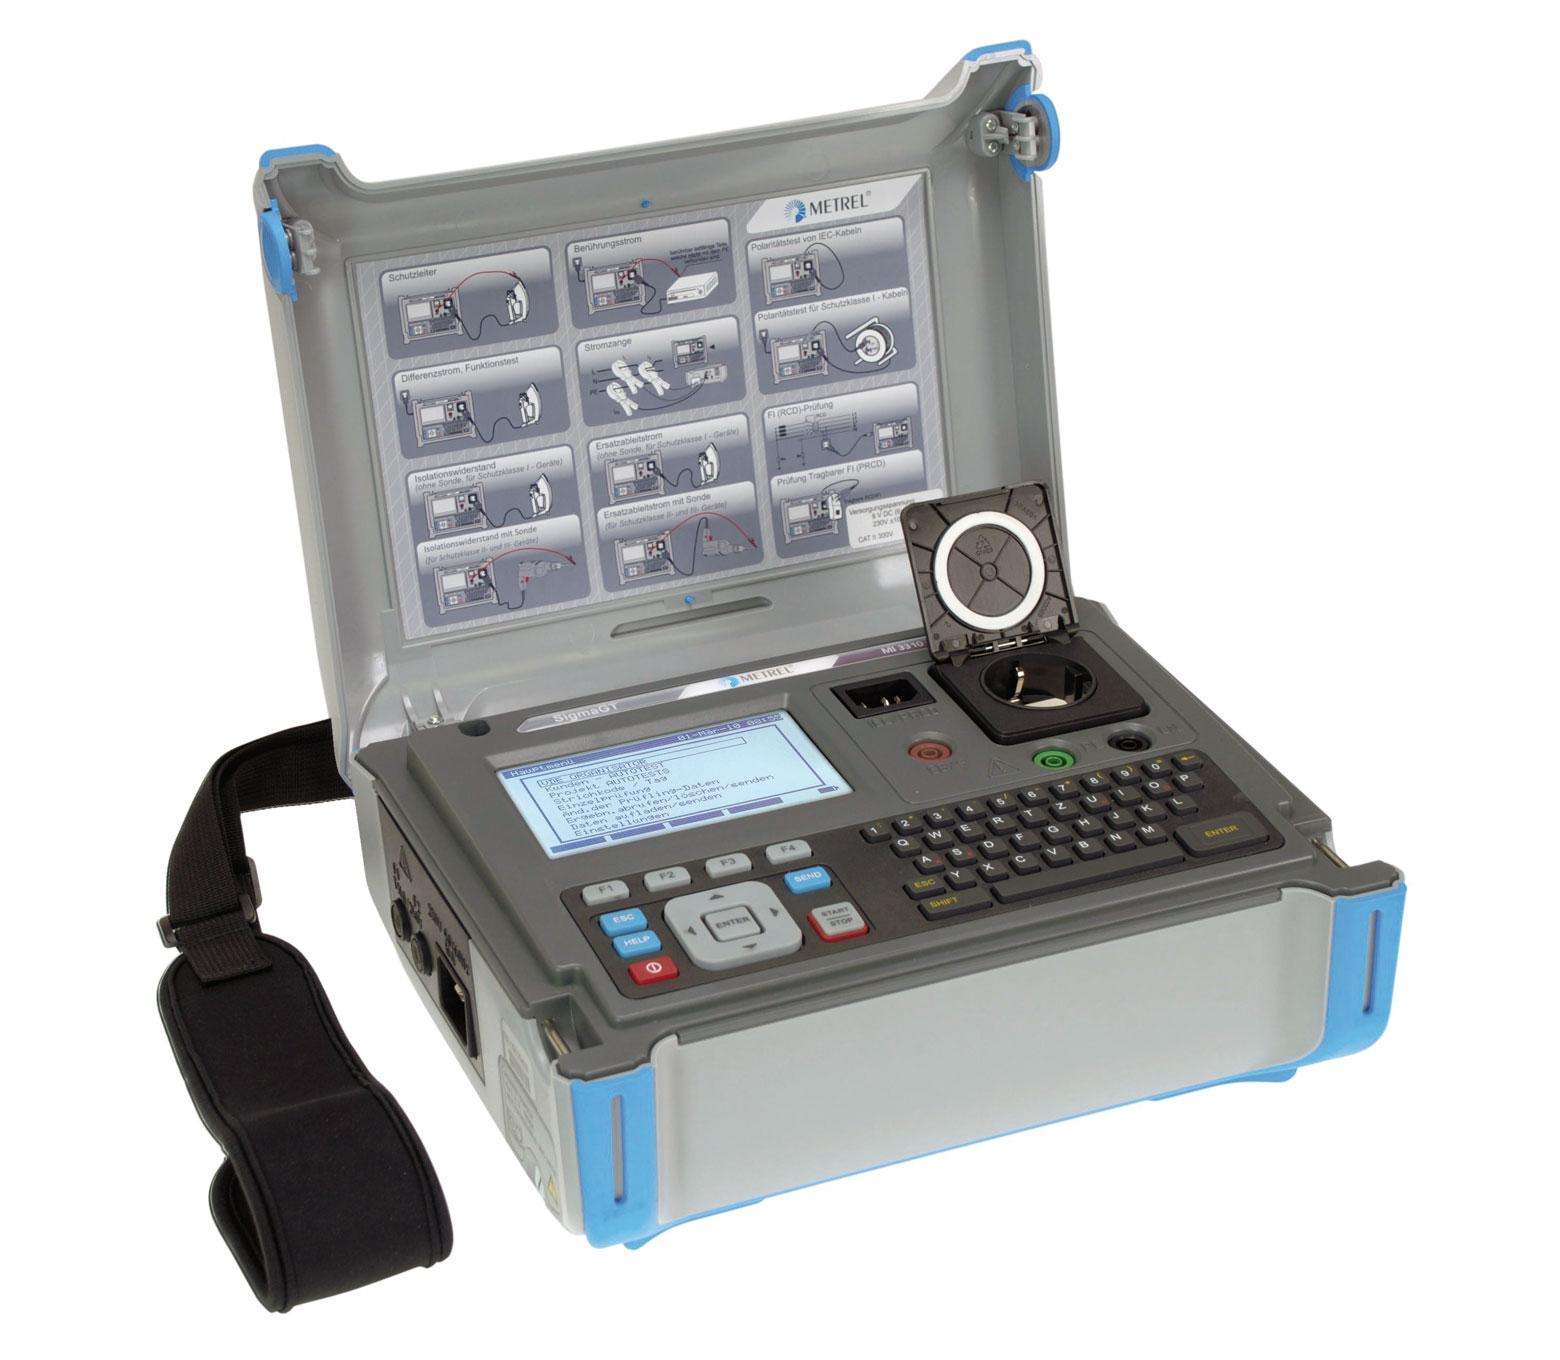 mi 3310 sigmagt VDE 0701 0702 Prüfgerät METREL WINGOLD MESSTECHNIK